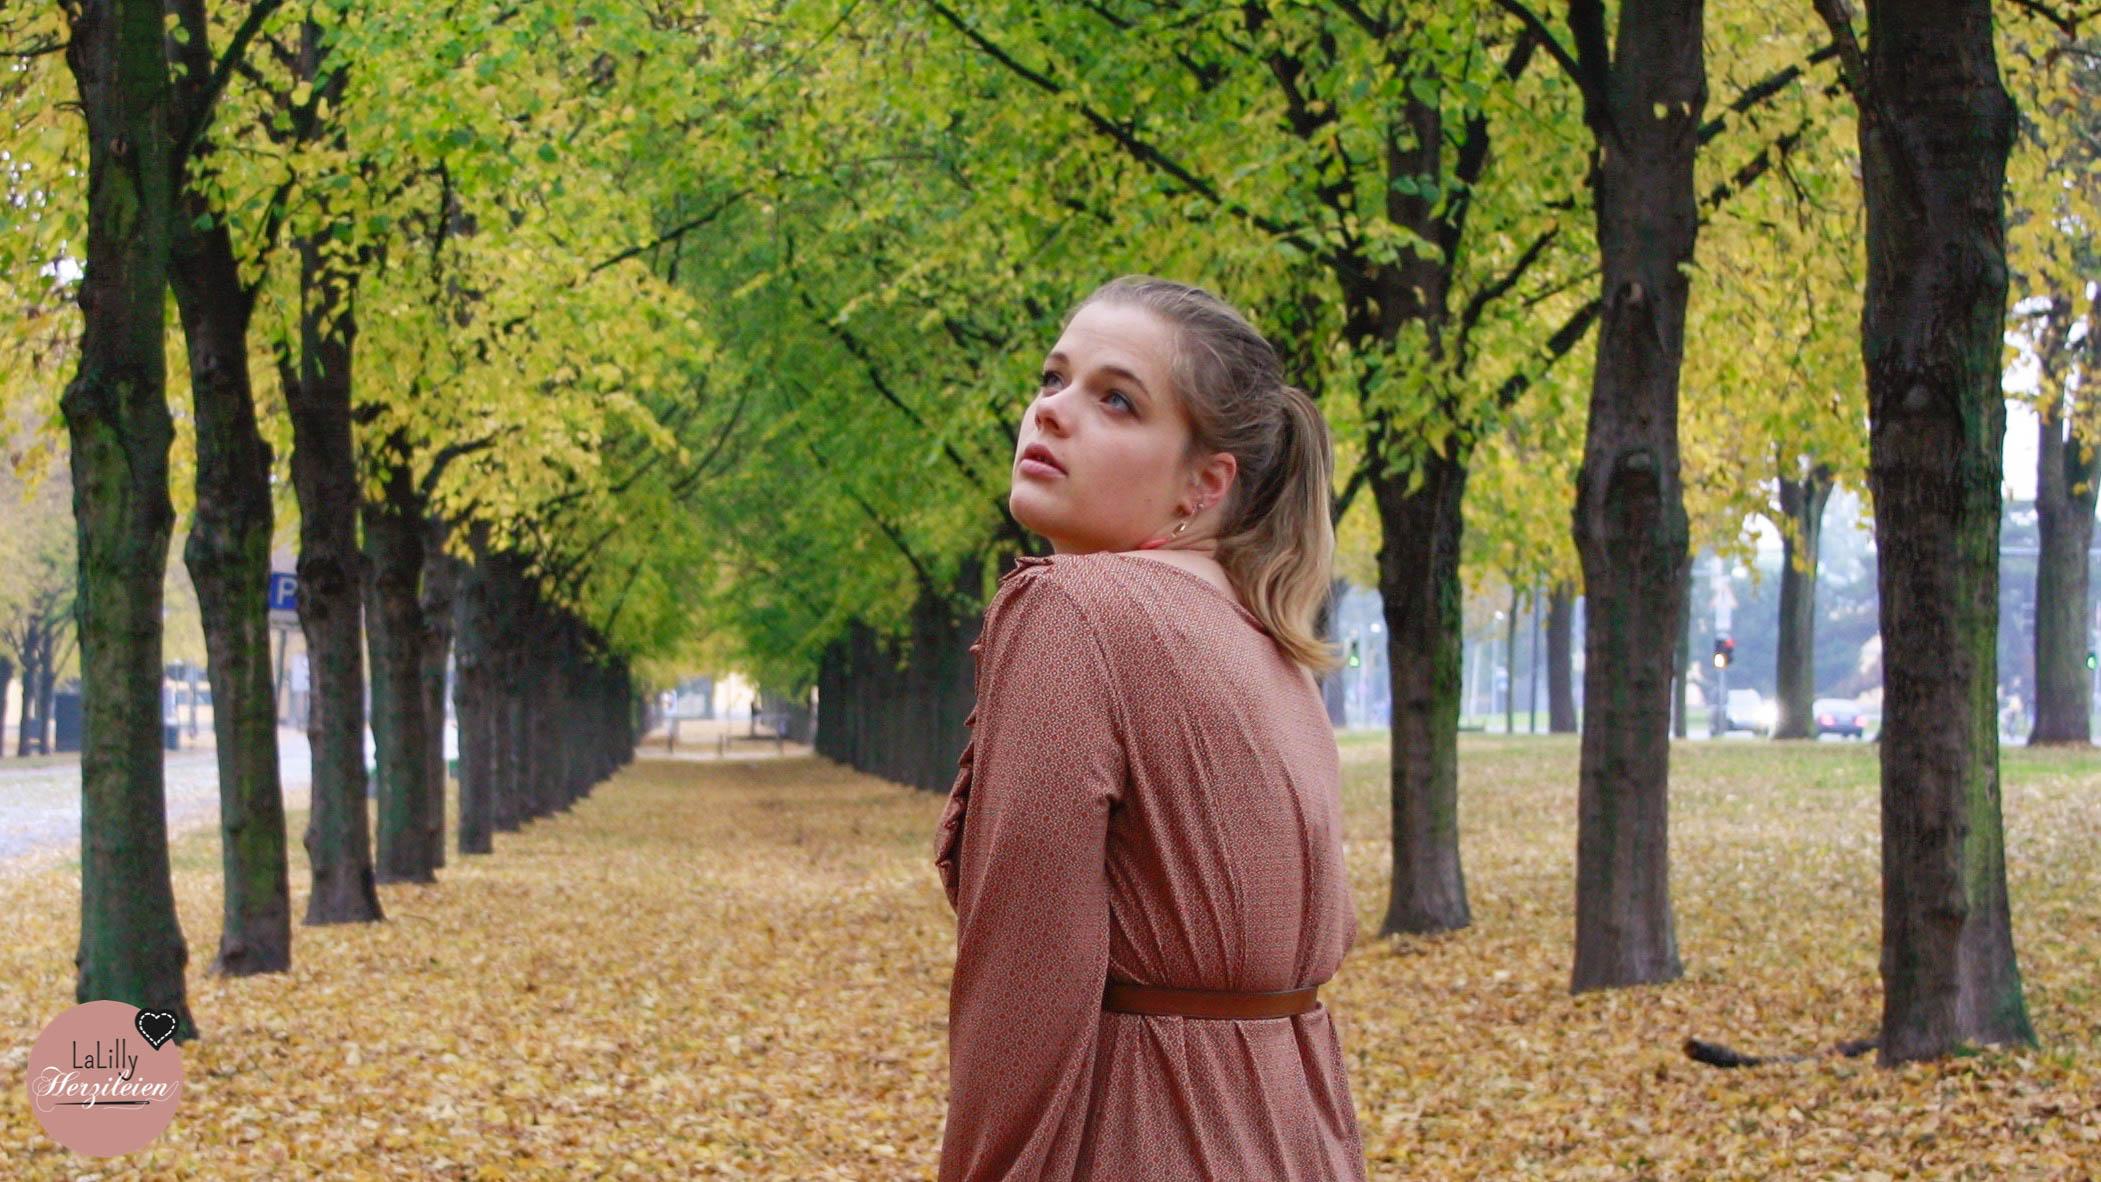 Bohokleid Bugsy- Kleidsam durch den Herbst